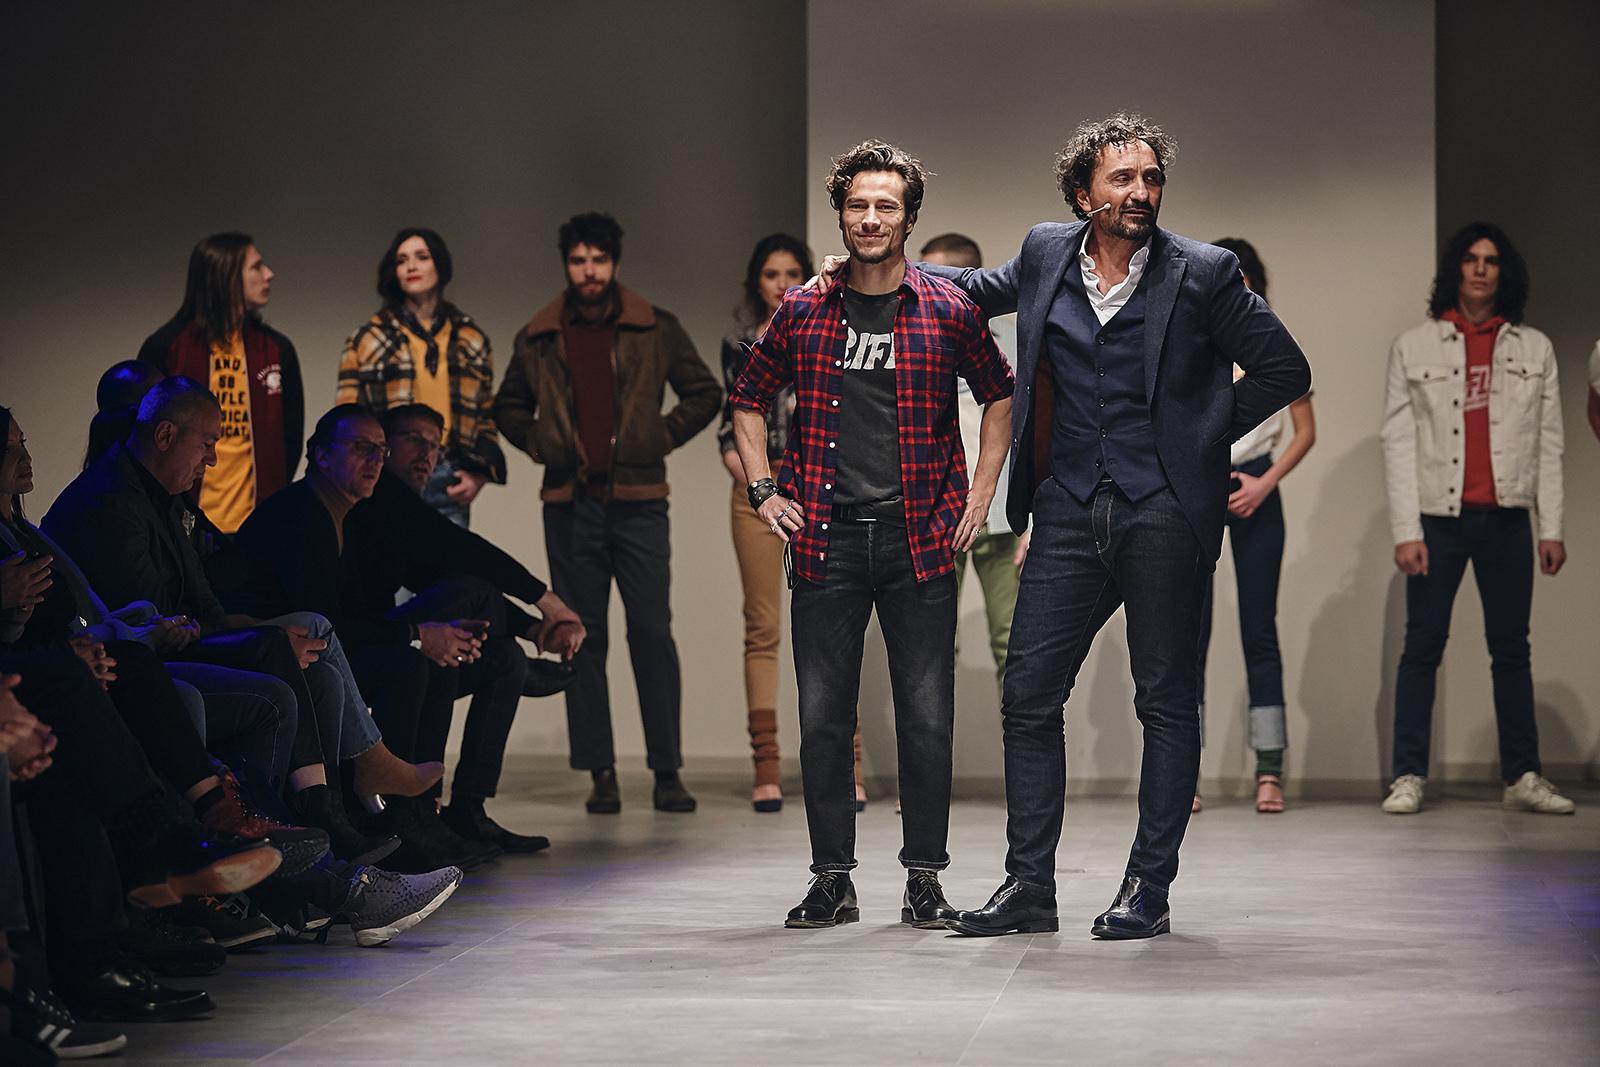 fotografo_backstage_moda-sfilata_reportage_fashion_rifle_jeans_commerciale_0004